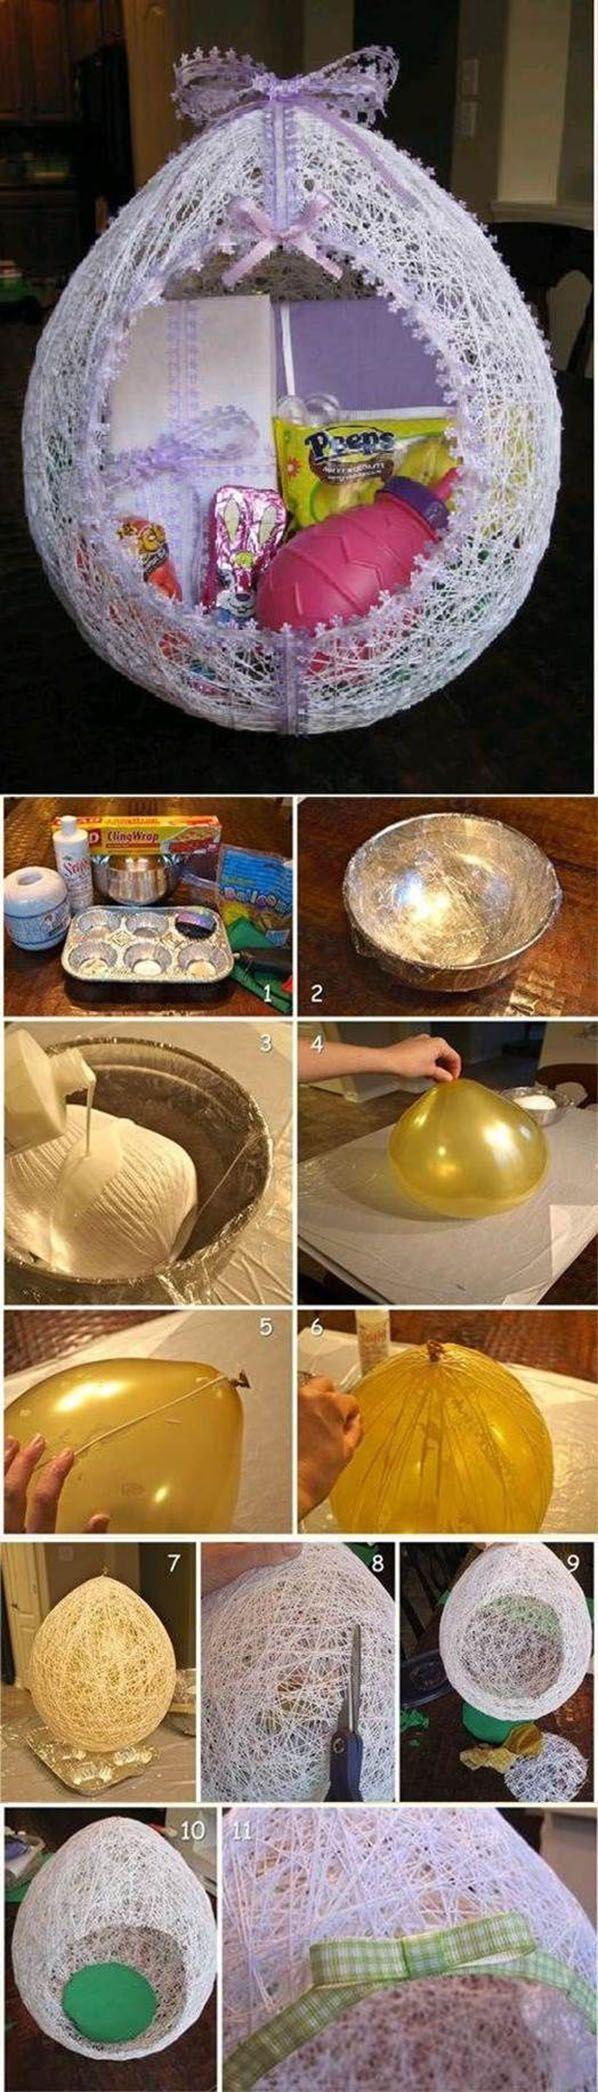 DIY Egg Shaped Easter String Basket   DIY & Crafts Tutorials